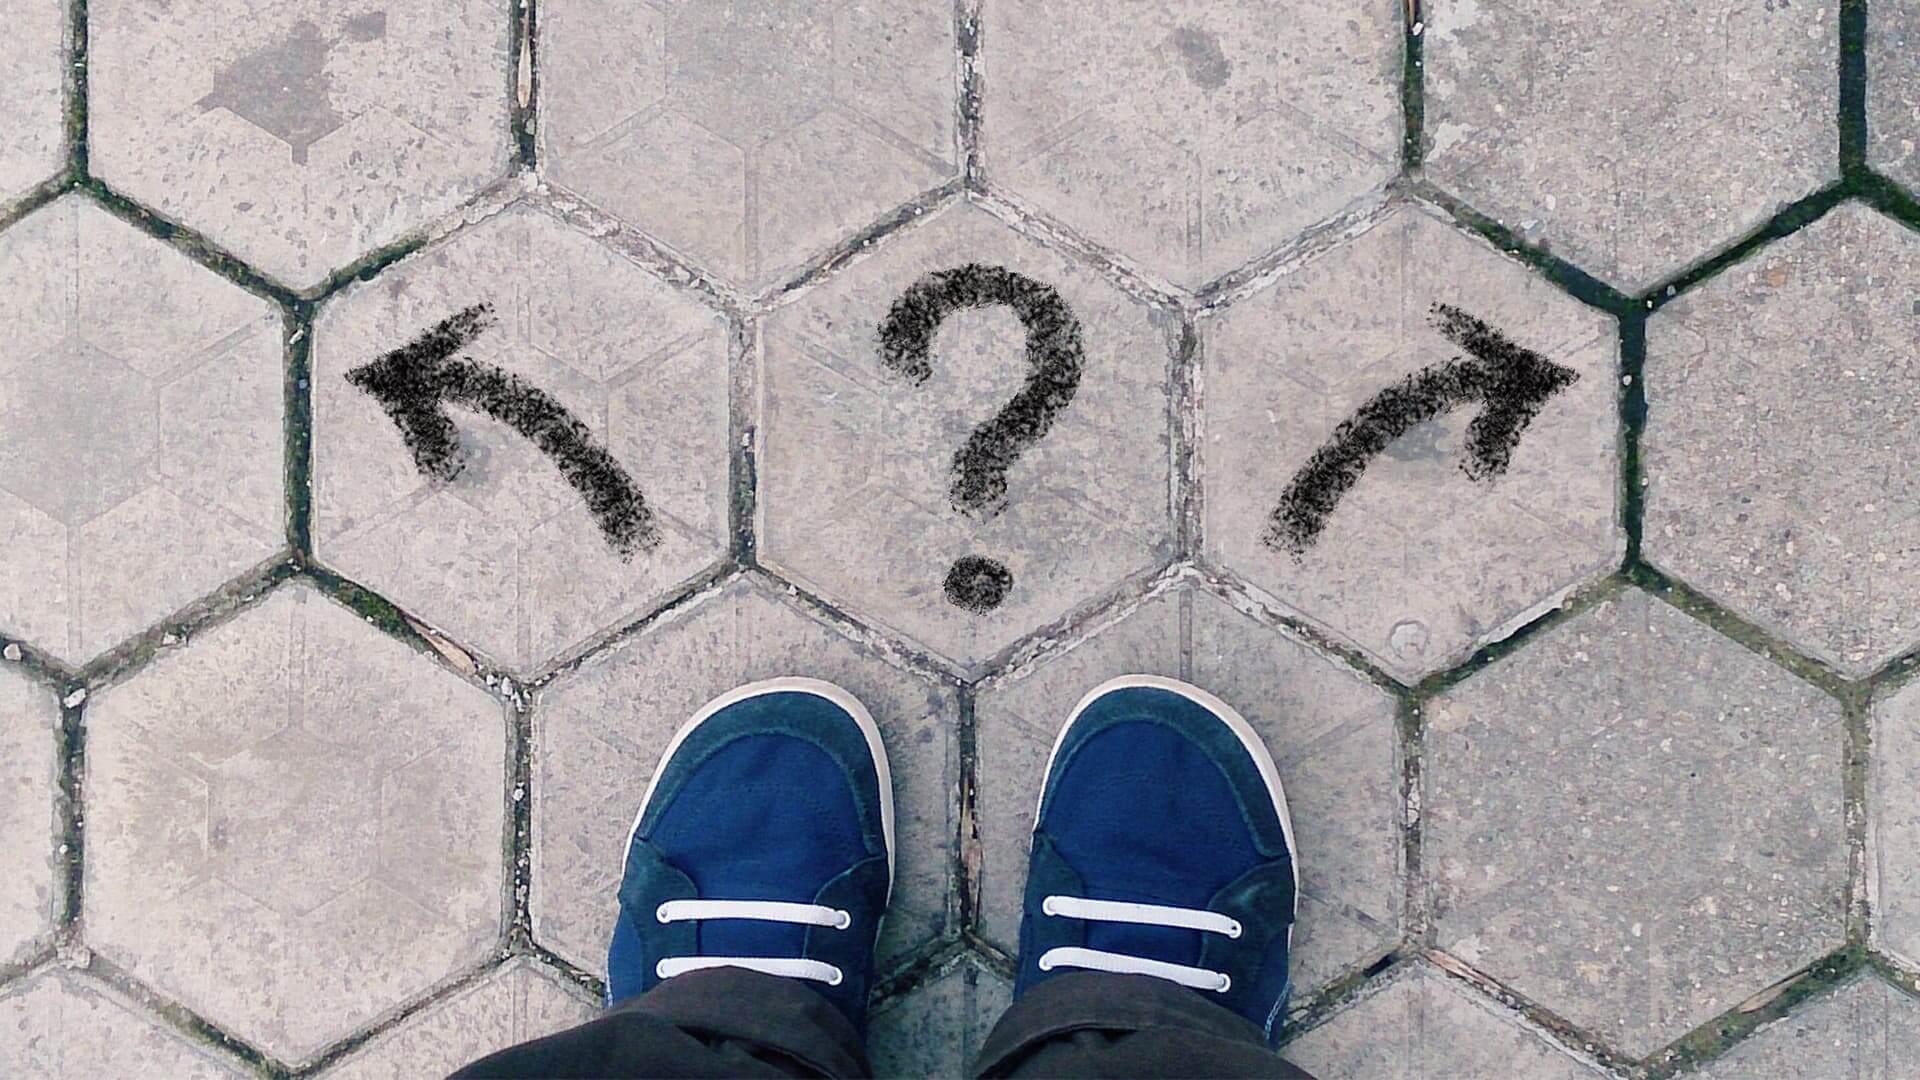 הטיות קוגניטיביות – איך הן משפיעות על תהליך קבלת ההחלטות ואיך להשתמש בהן לטובתנו